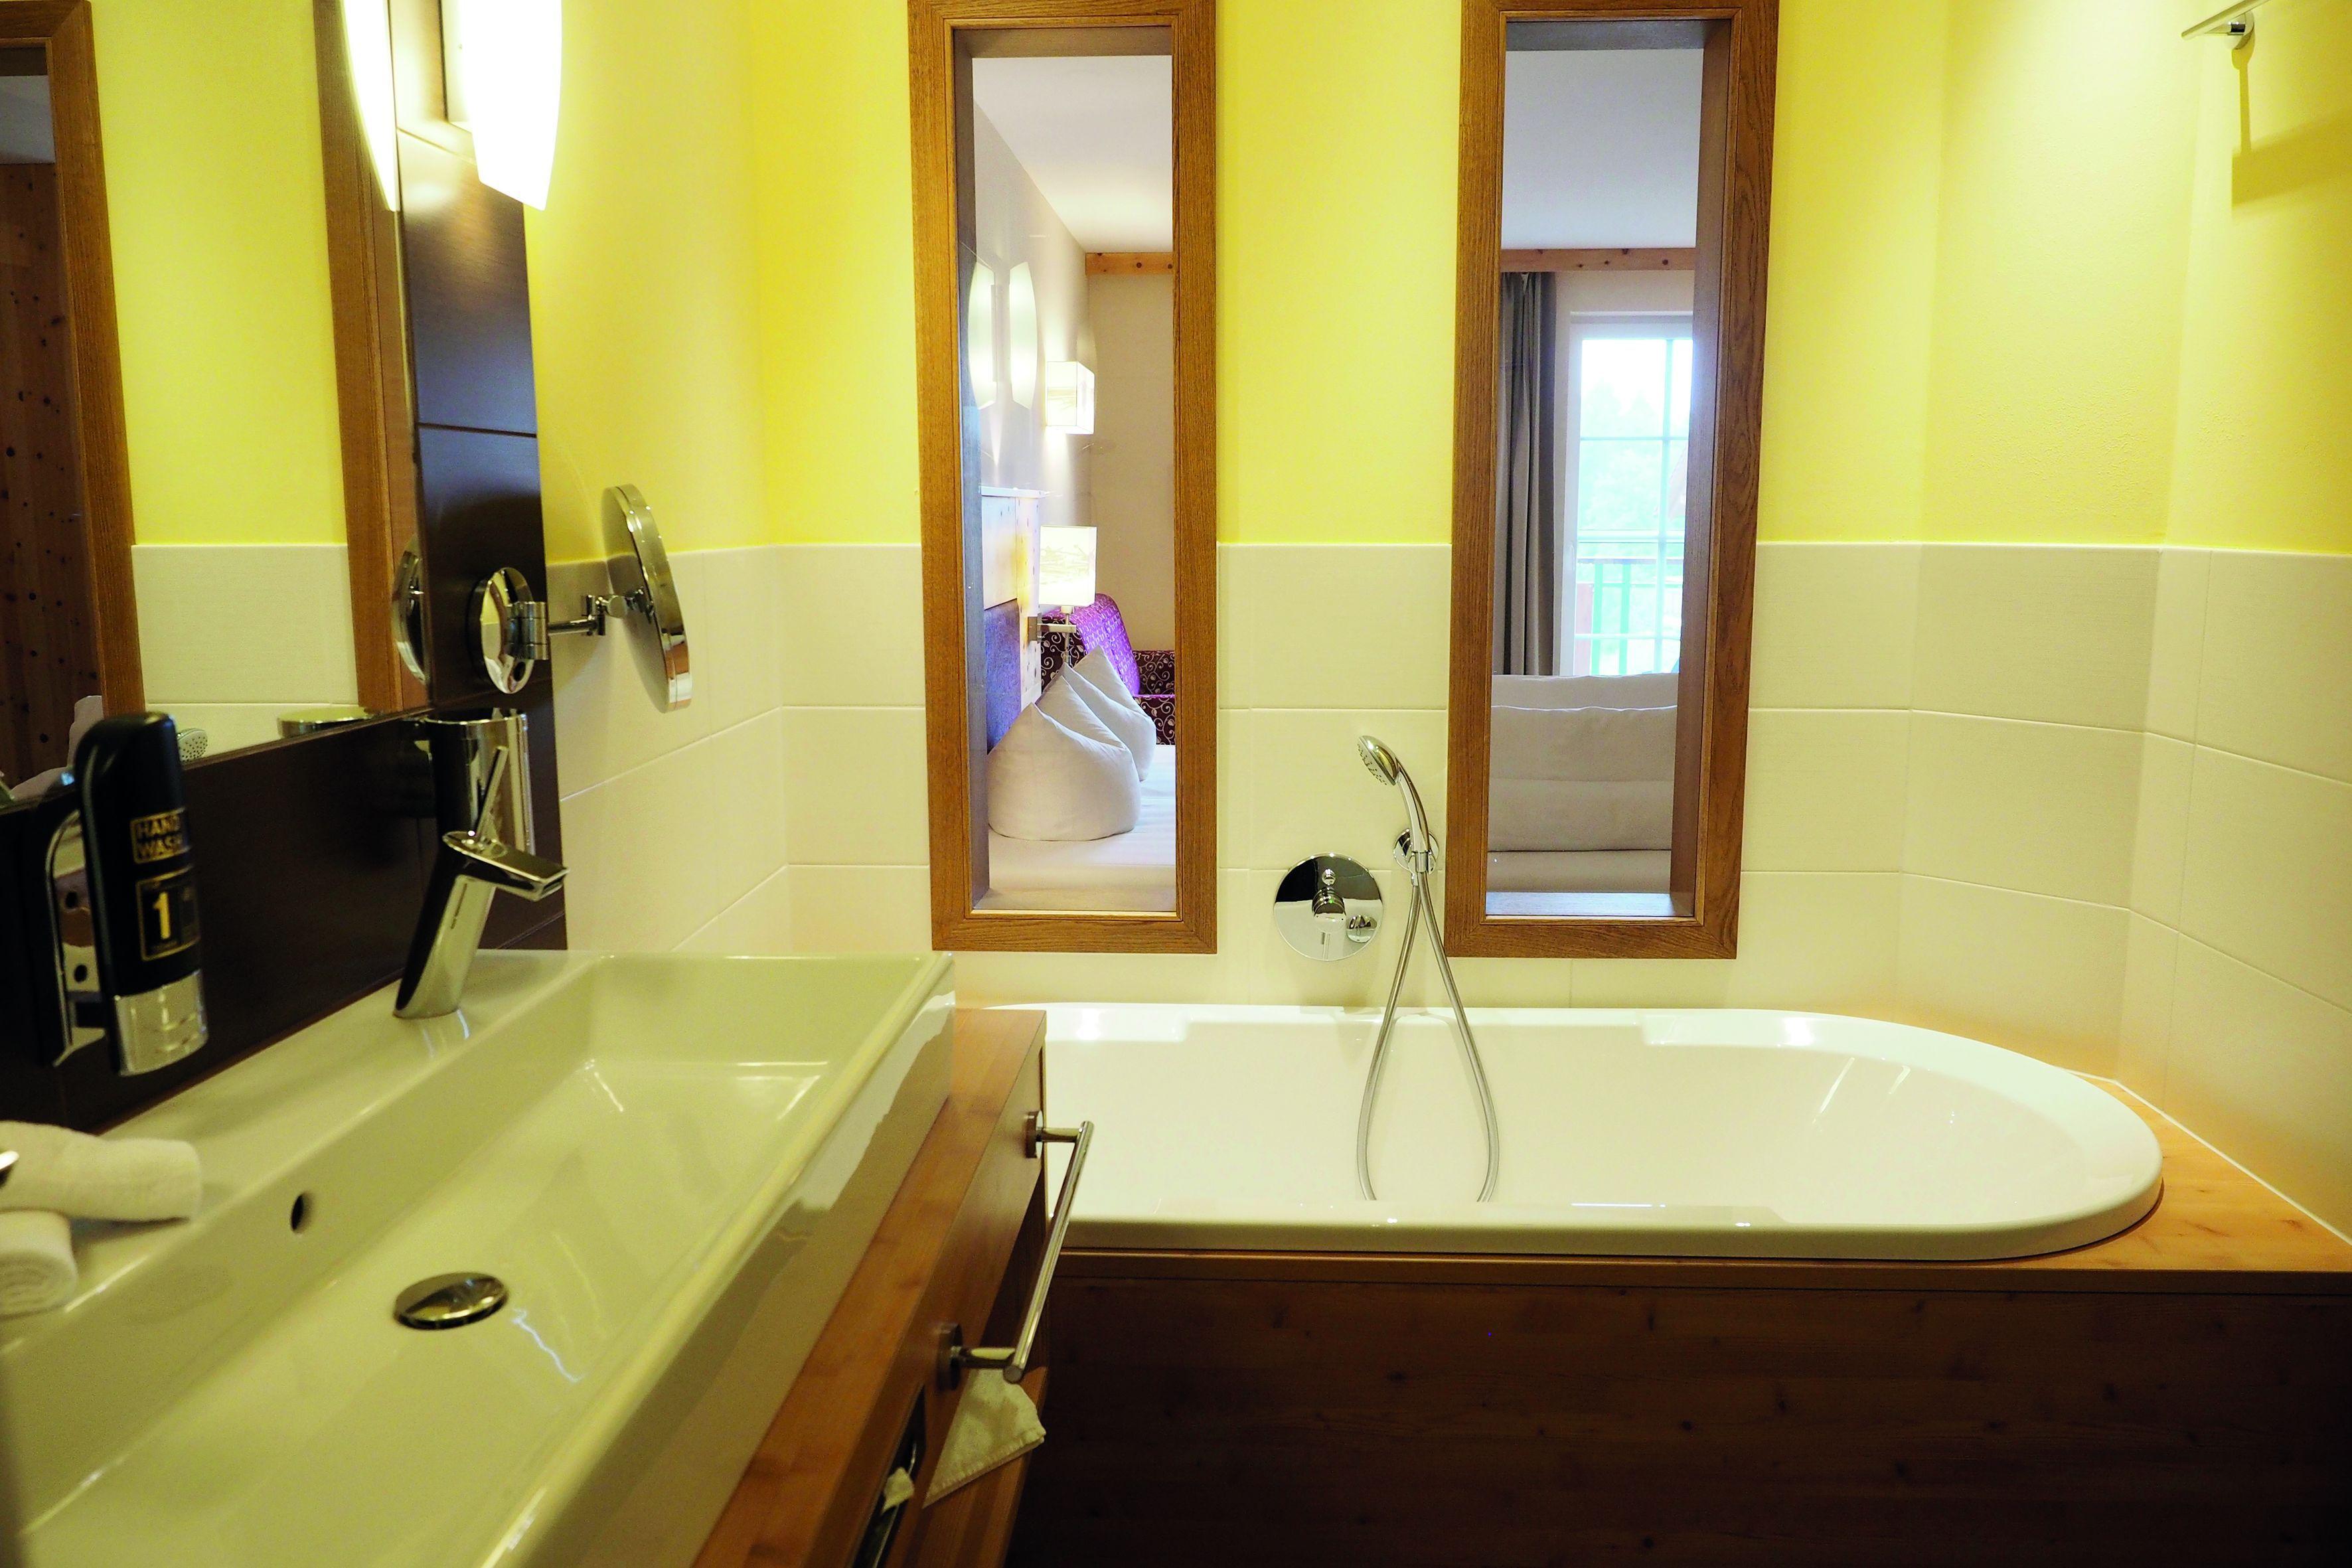 Badewanne In Der Stemp Suite Mit Kleinen Fenstern In Den Schlafraum Kleine Fenster Luxurioses Zimmer Schlafraum